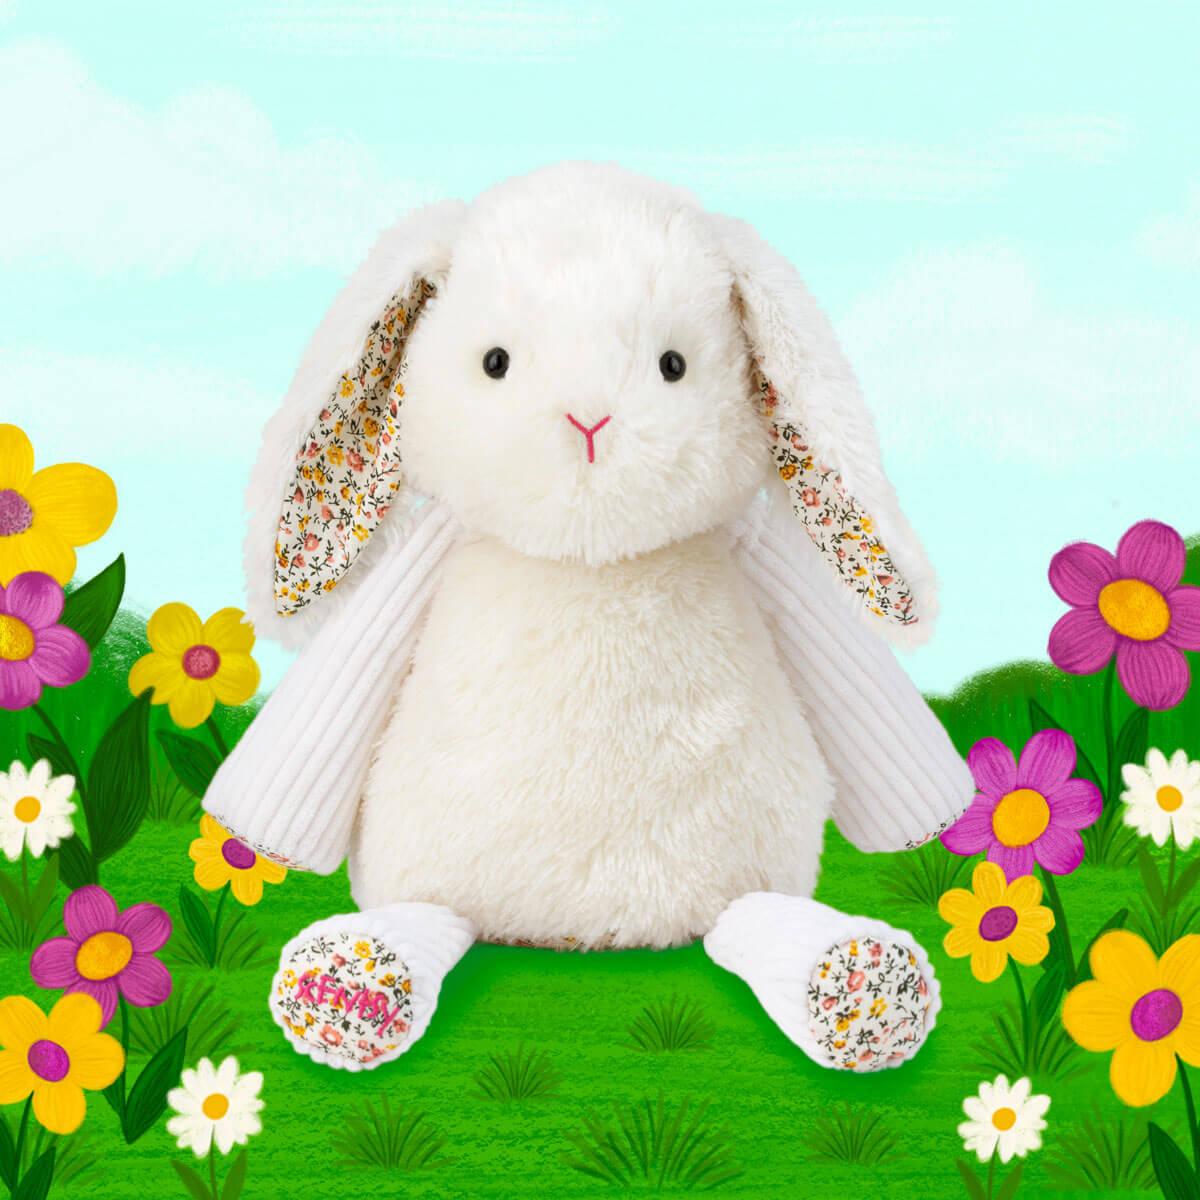 Rosemary The Rabbit